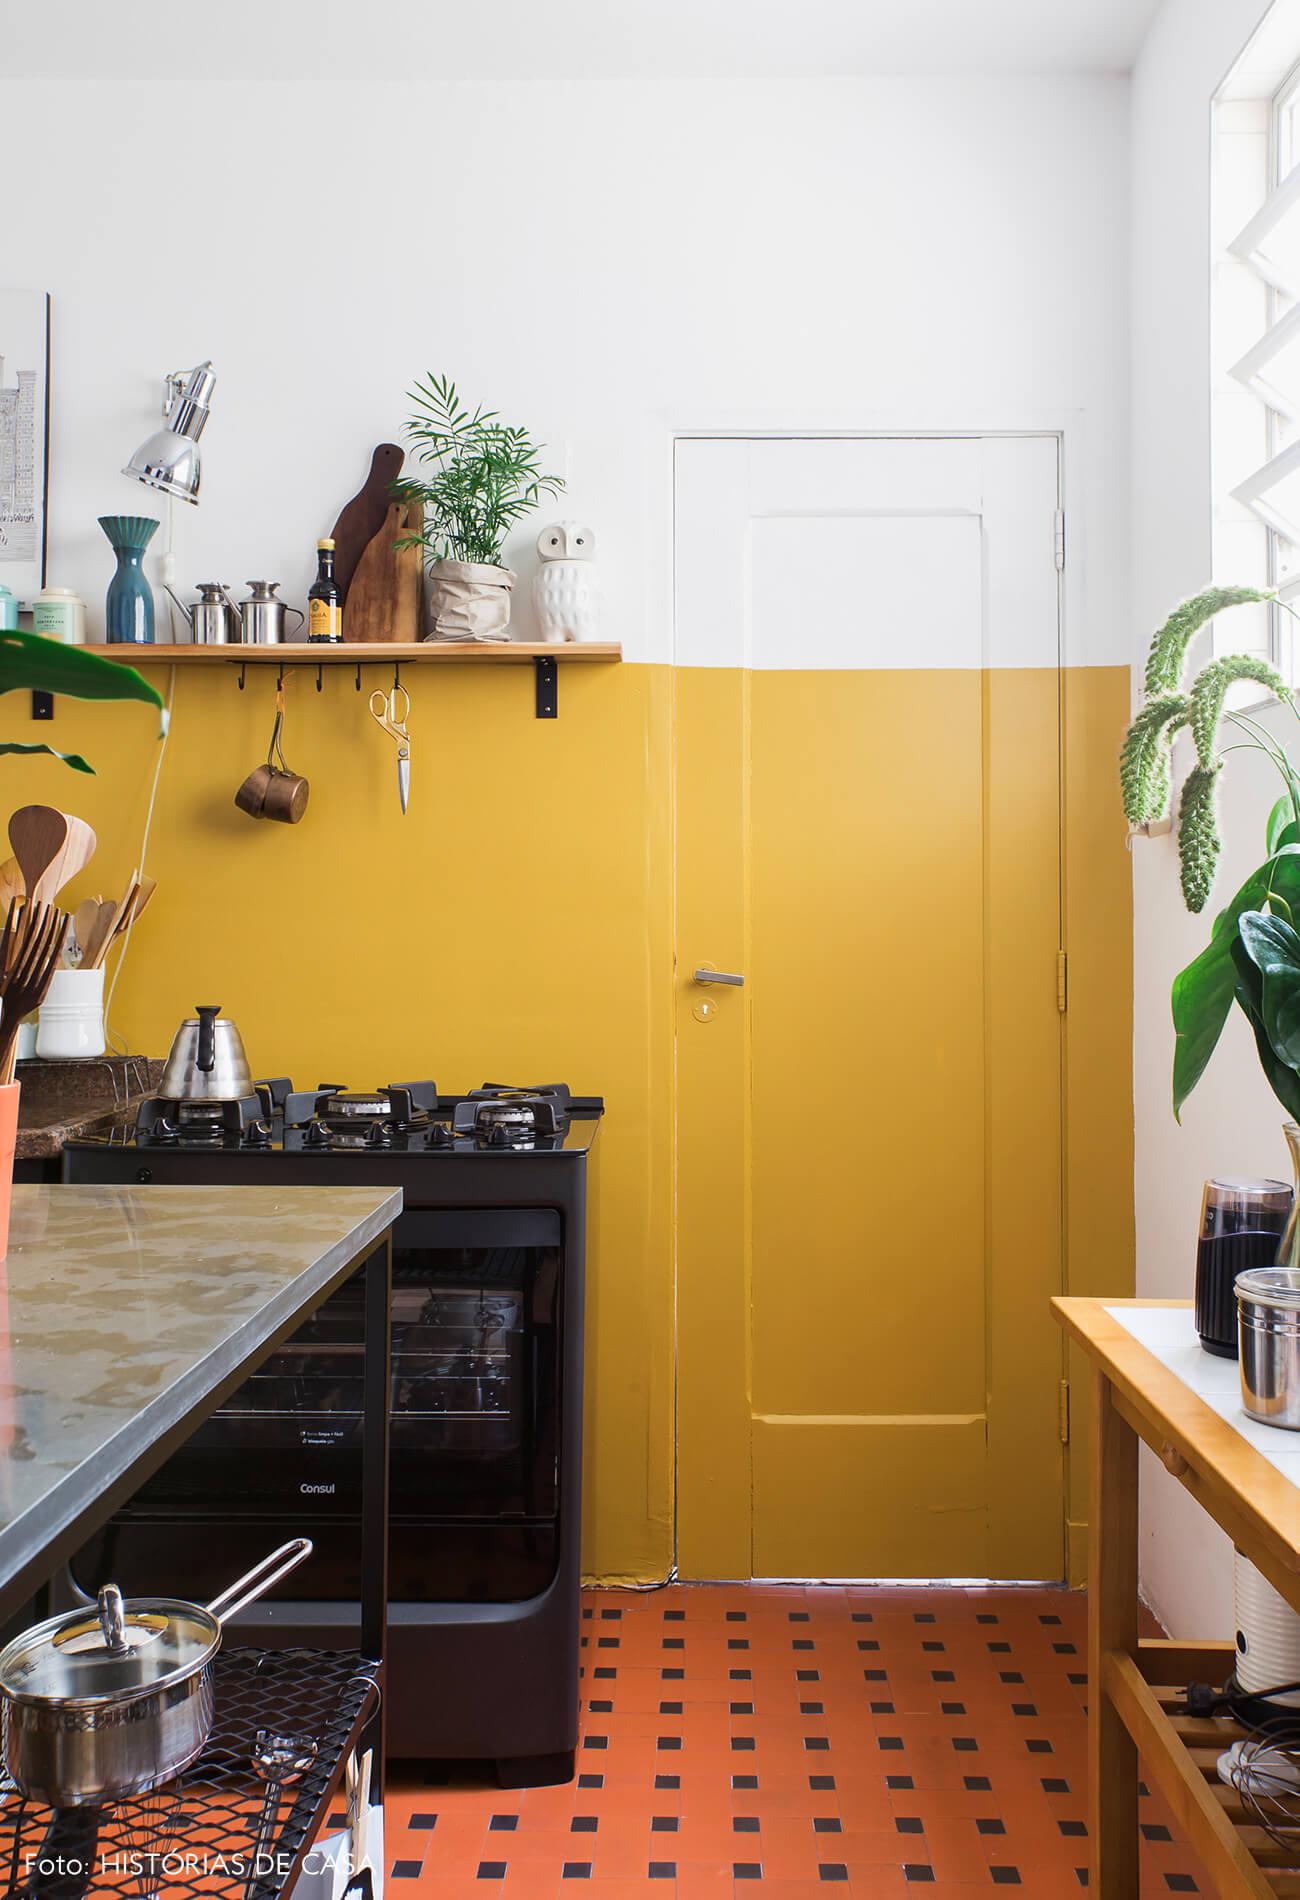 Cozinha reformada com porta colorida em apê alugado